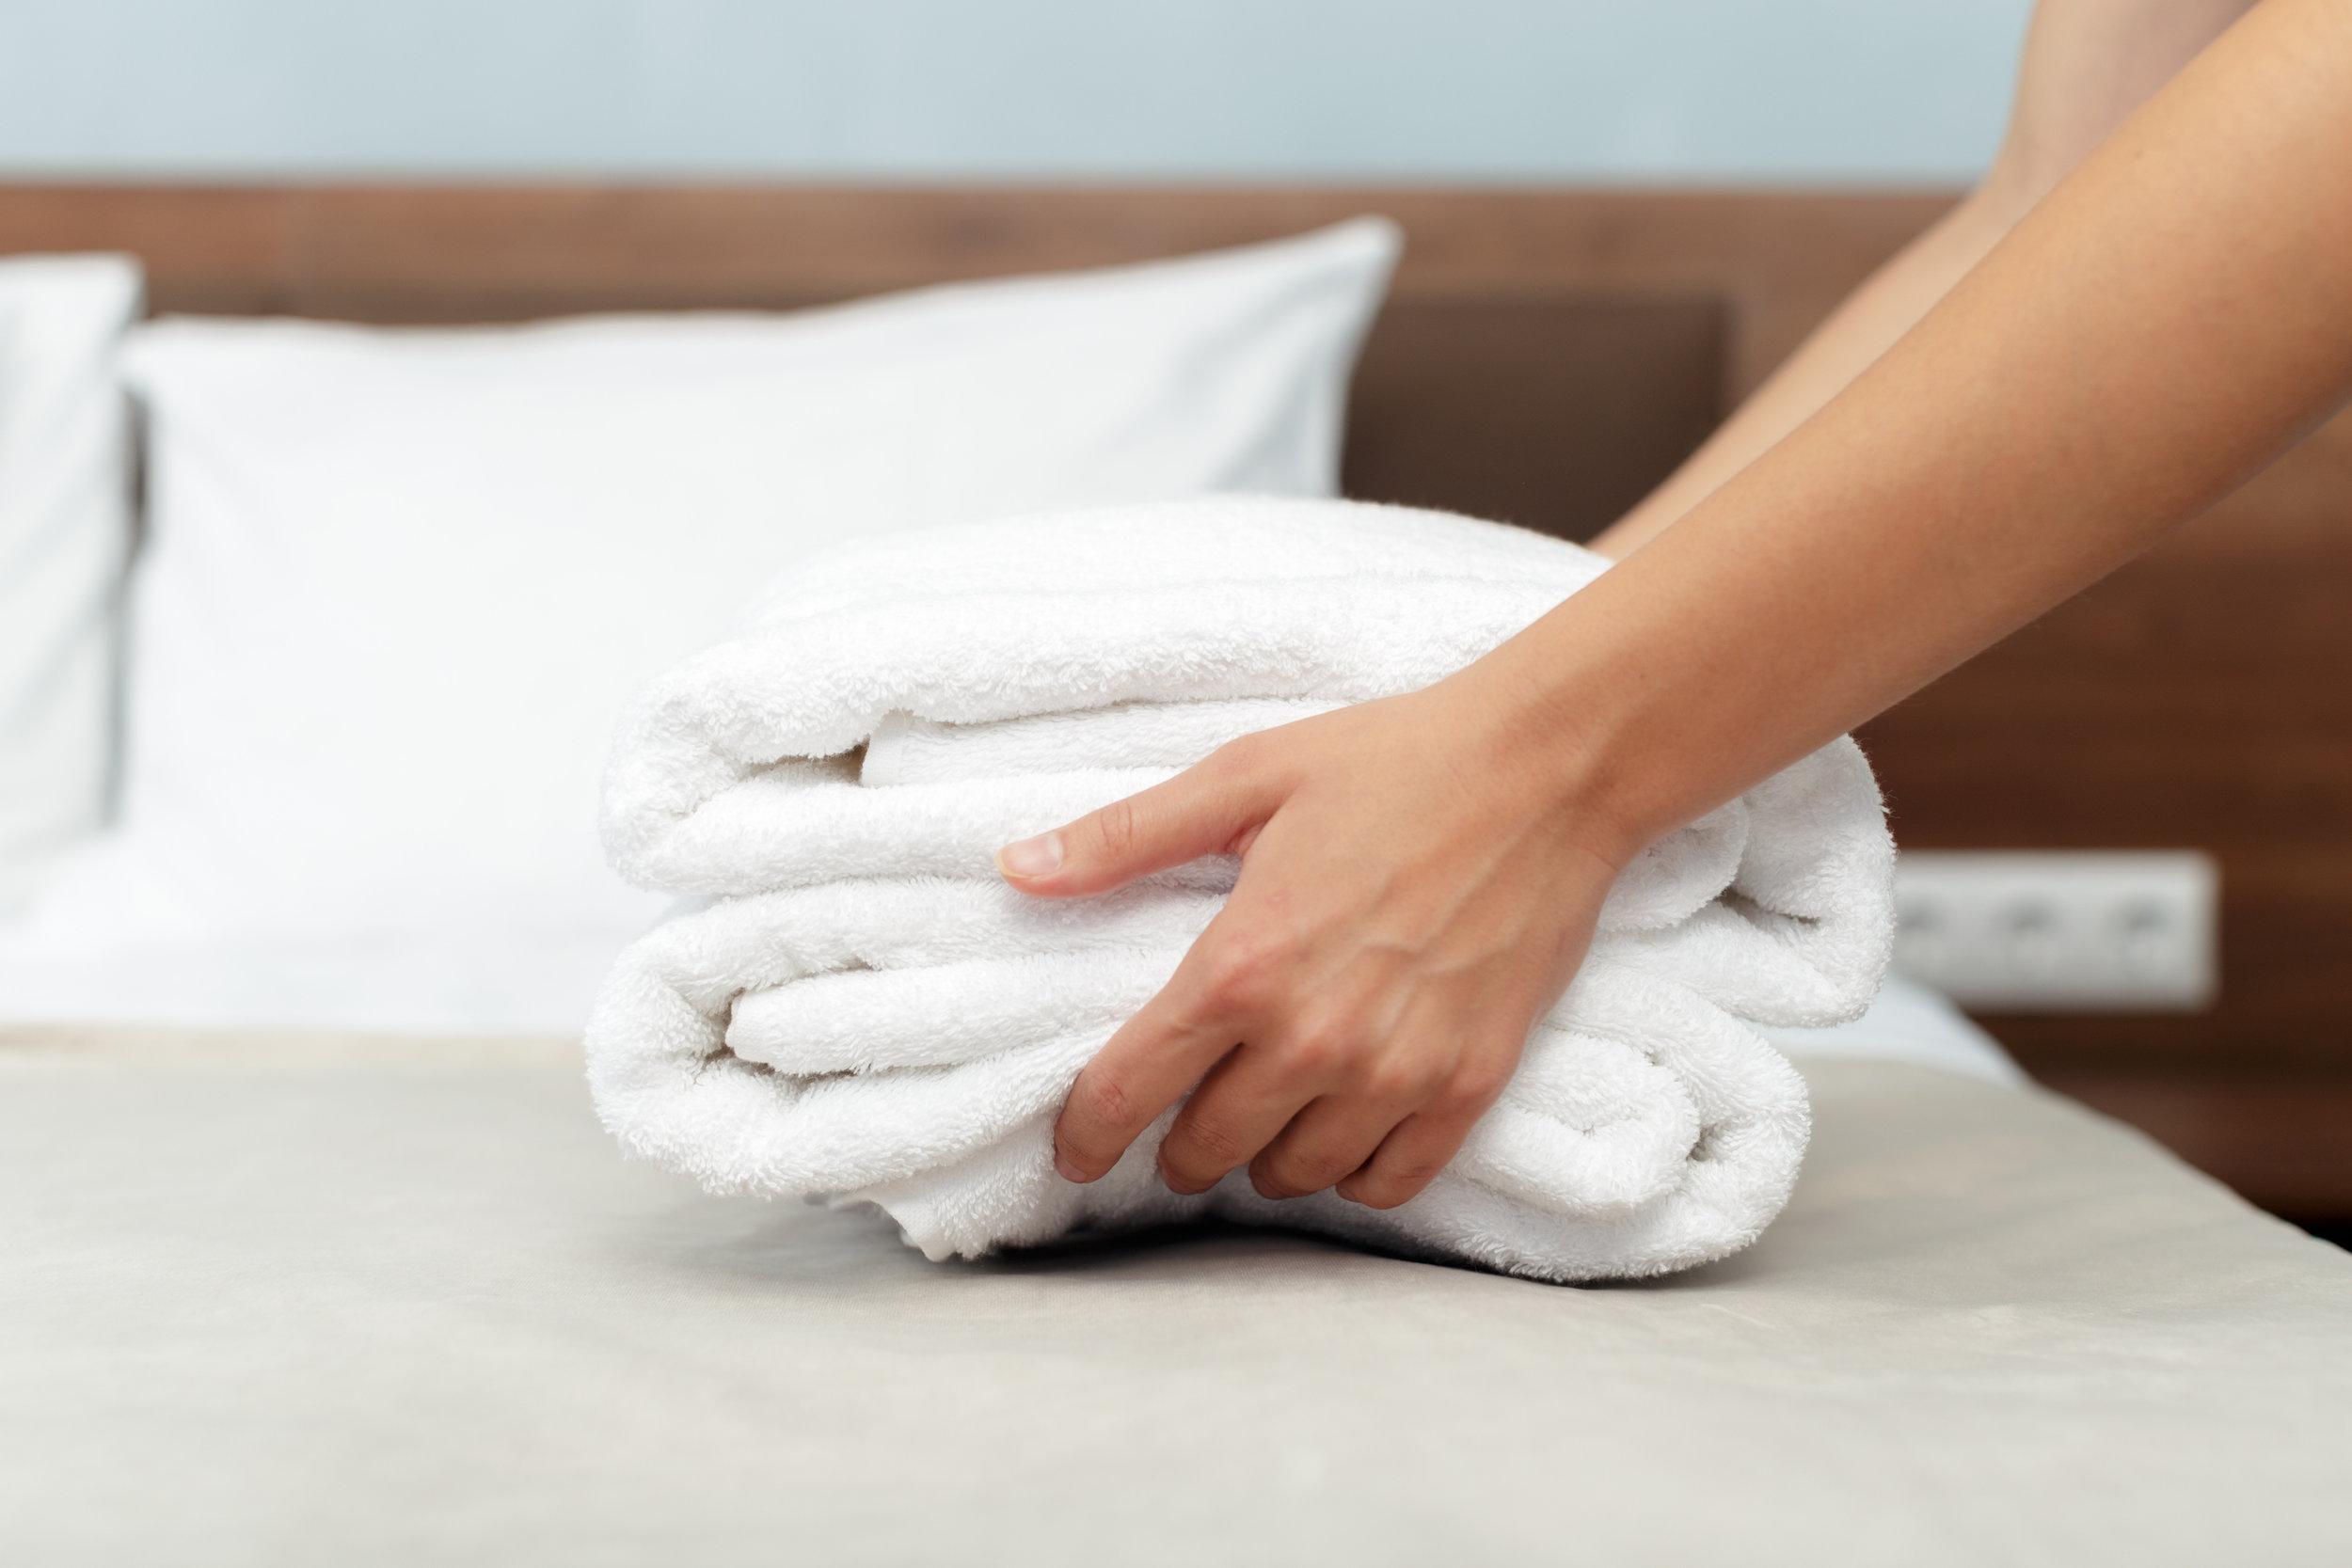 light housekeeping for the elderly ocford healthcare home healthcare in tulsa oklahoma.jpg